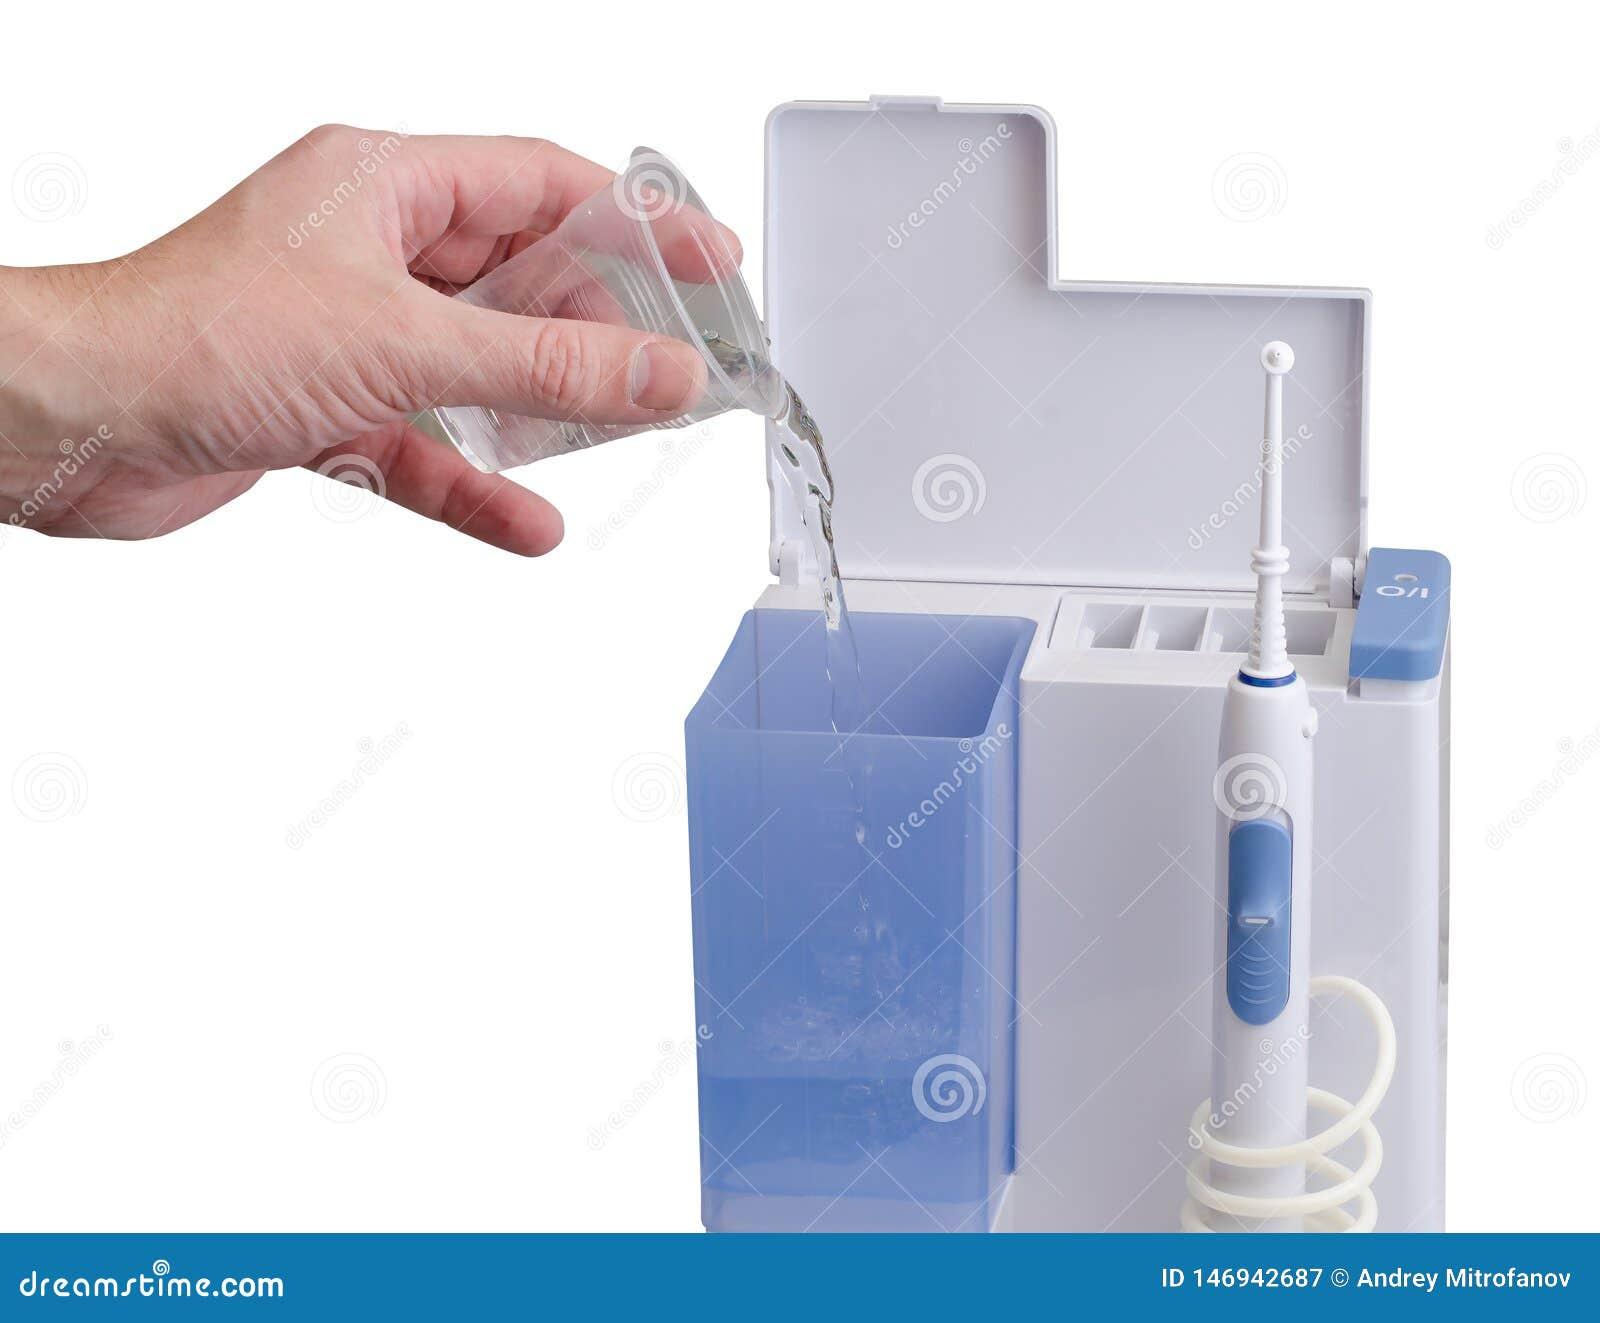 Cuidado del equipo dental Irrigator para la boca